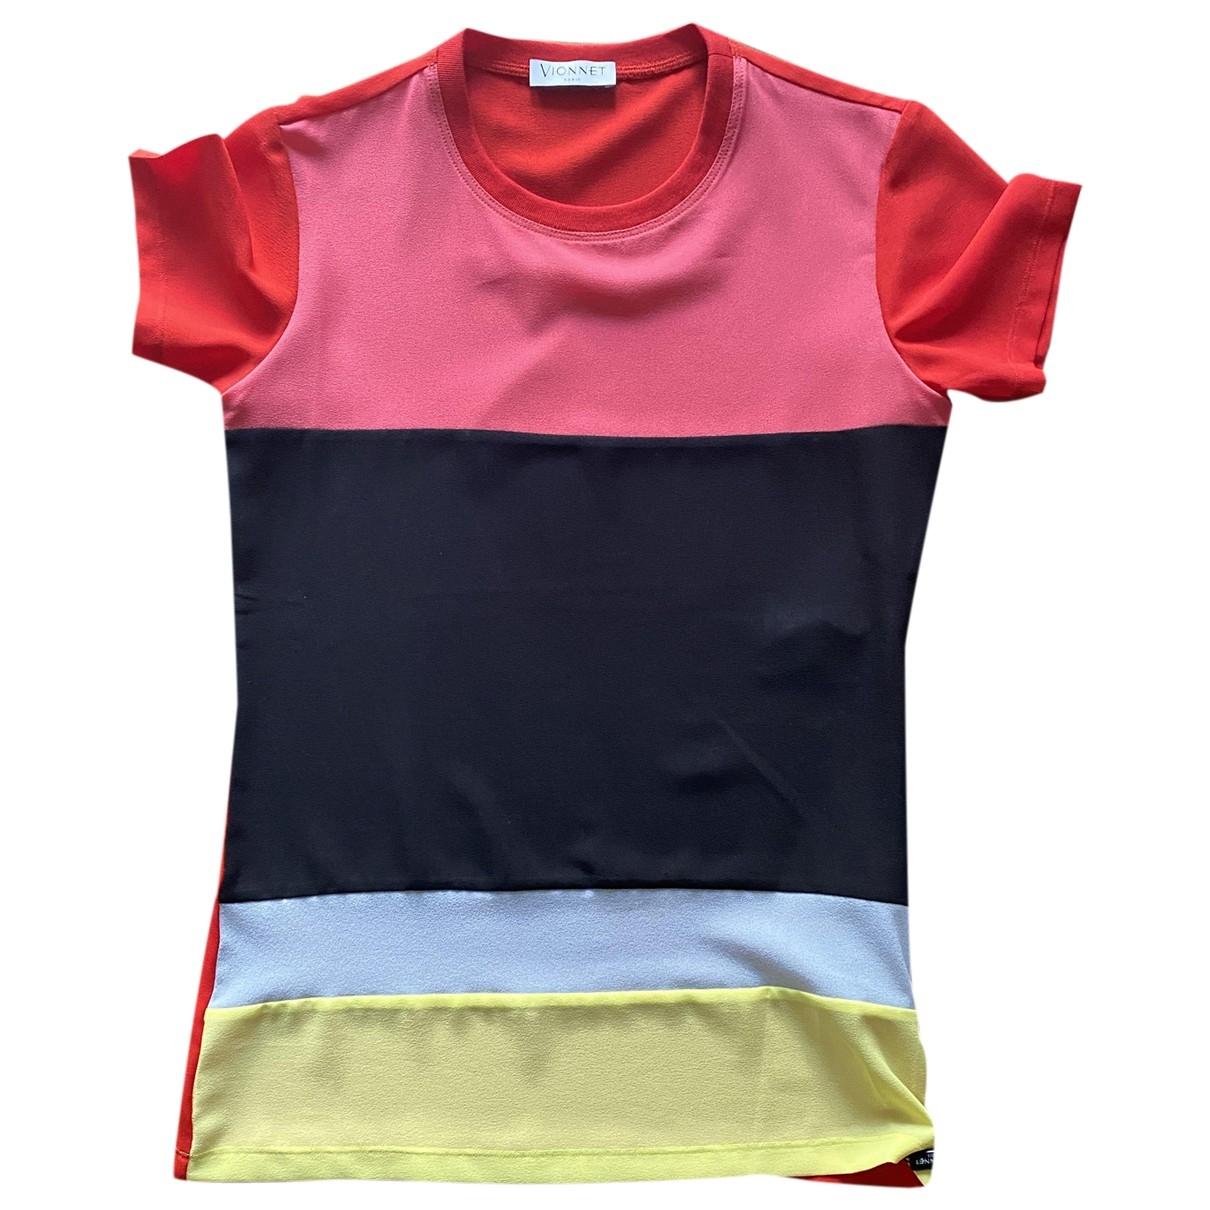 Vionnet - Top   pour femme en soie - multicolore